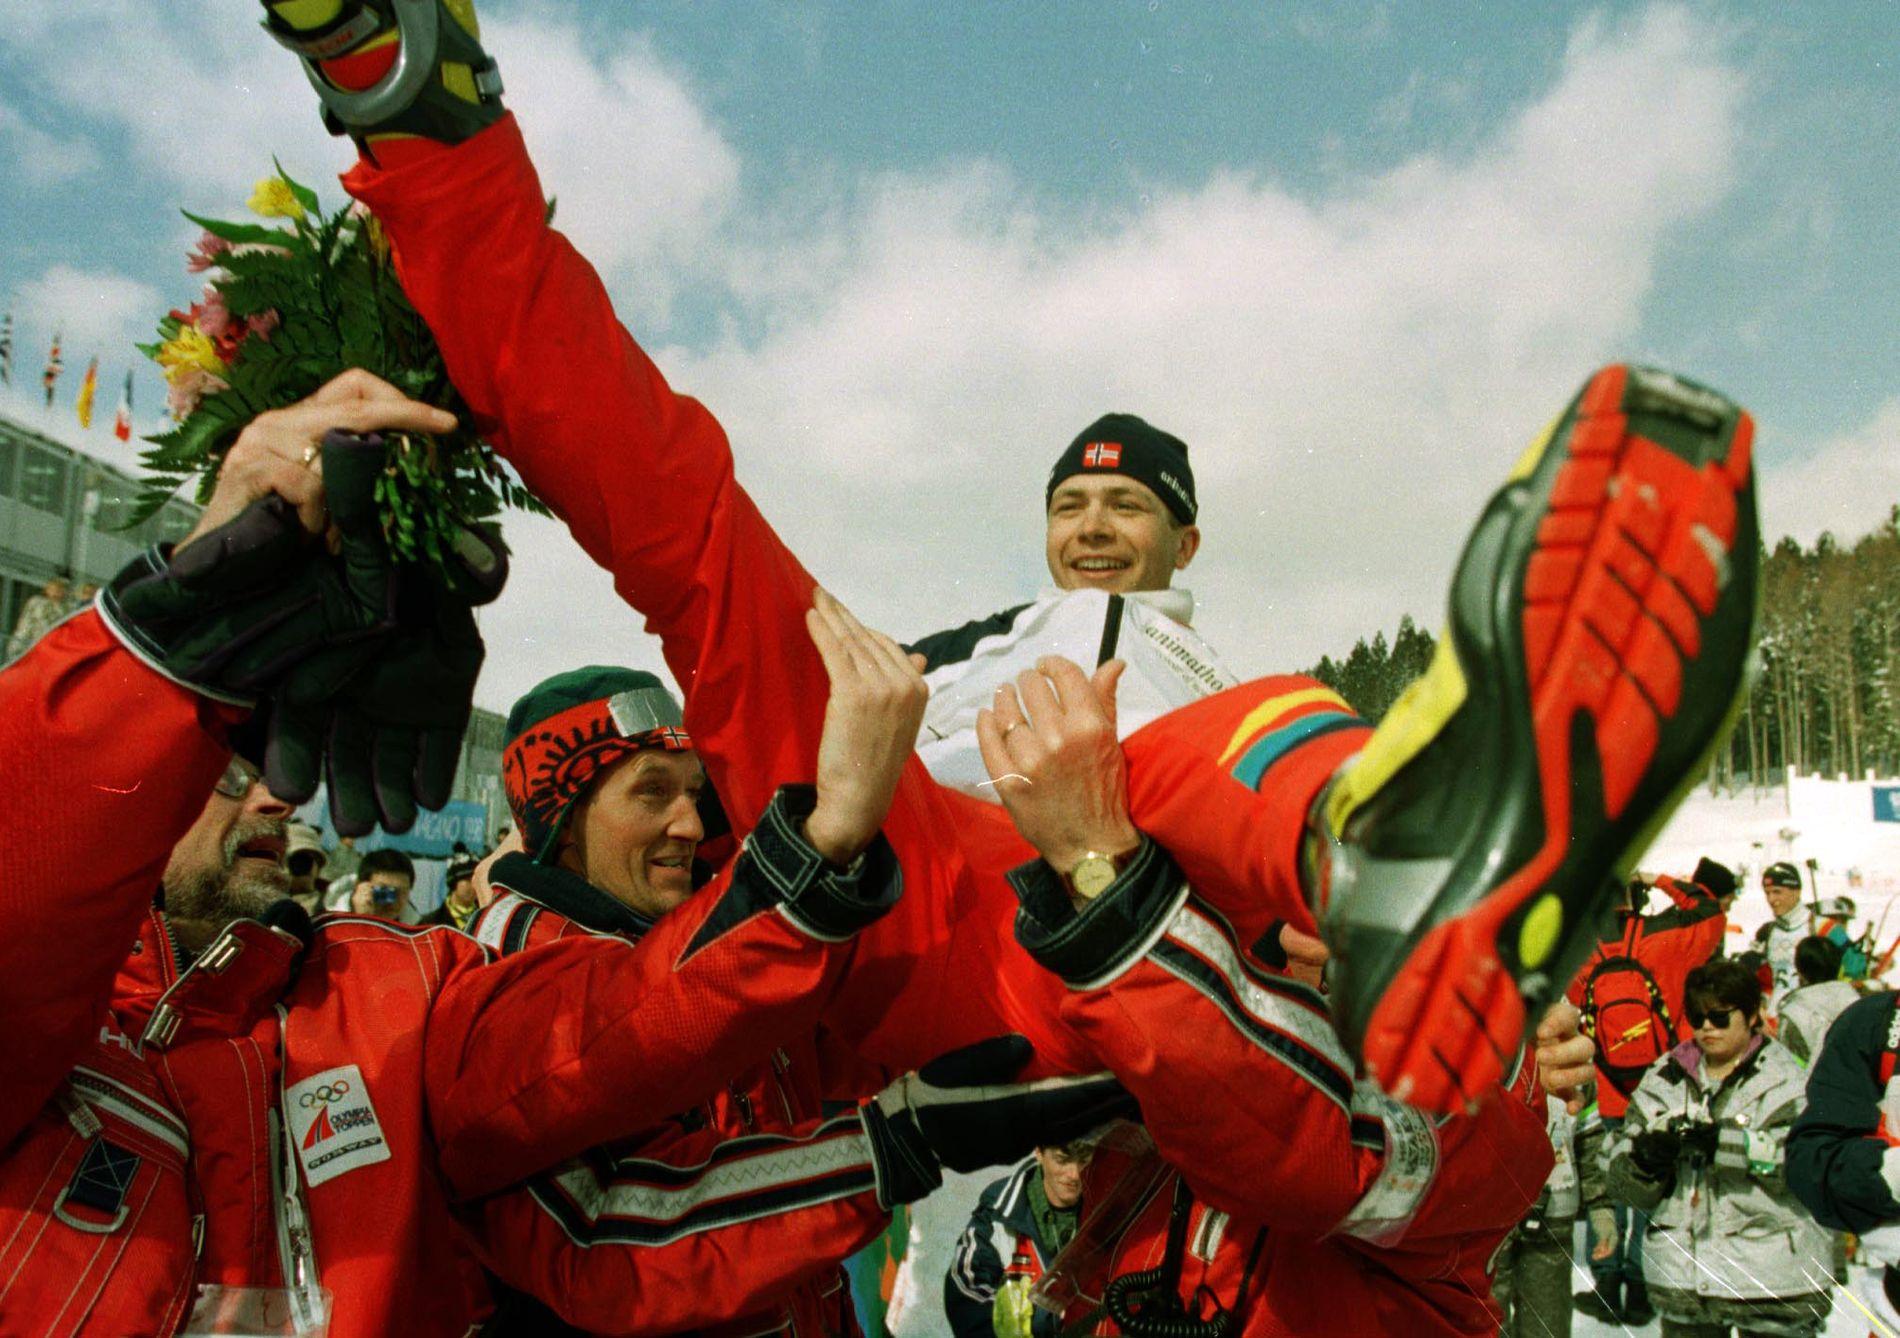 Ole Einar Bjørndalen ble båret på gullstol etter sprintgullet i Nagano i 1998. Bjørndalen var suveren, og vant med ett minutt ned til lagkamerat Frode Andresen.